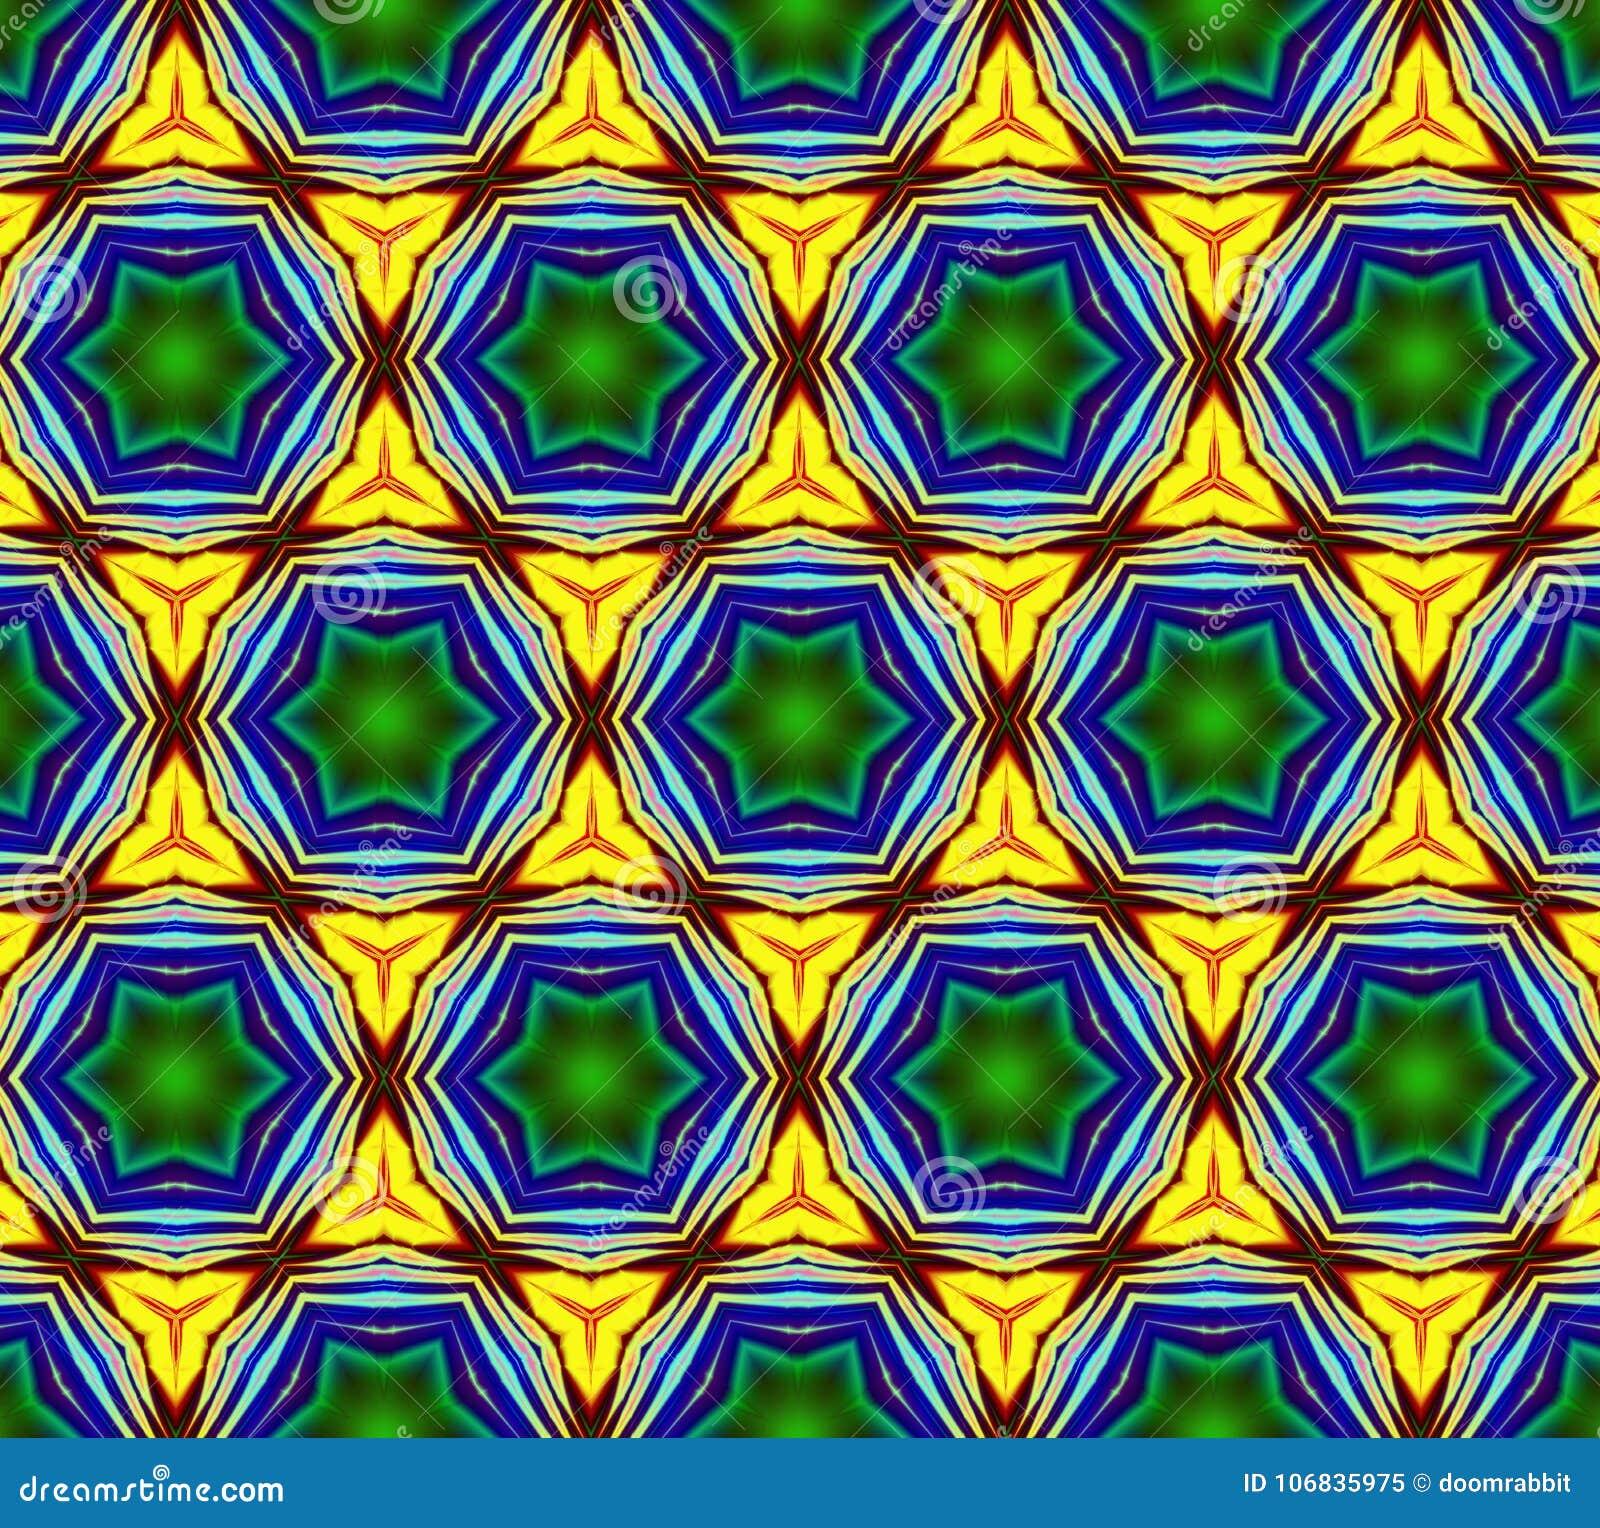 Illustrazione generata da computer con patt caleidoscopico astratto